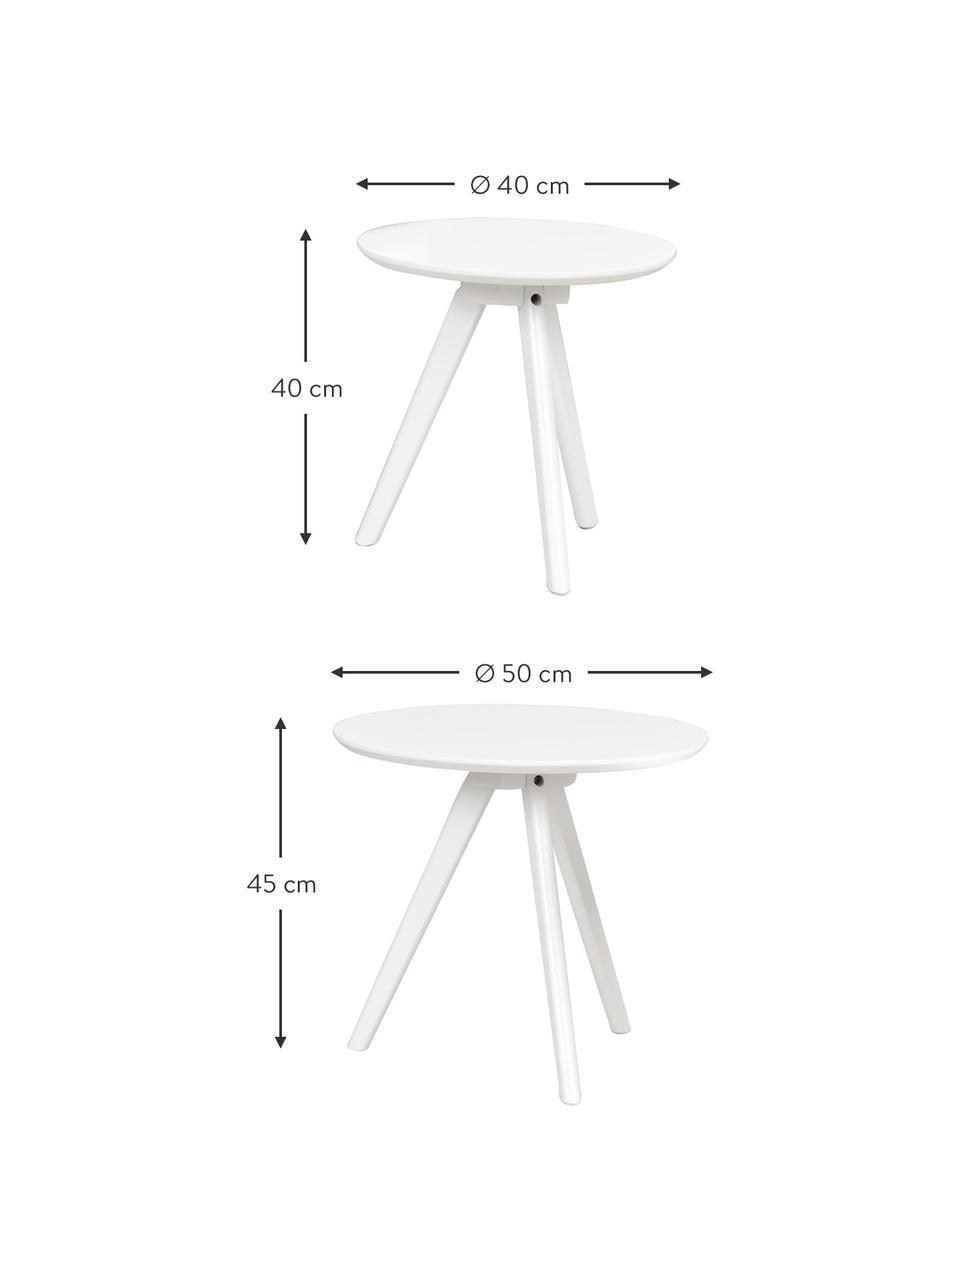 Beistelltisch-Set Yumi in Weiß, 2-tlg., Tischplatte: Mitteldichte Holzfaserpla, Beine: Gummibaumholz, massiv, la, Weiß, Set mit verschiedenen Größen